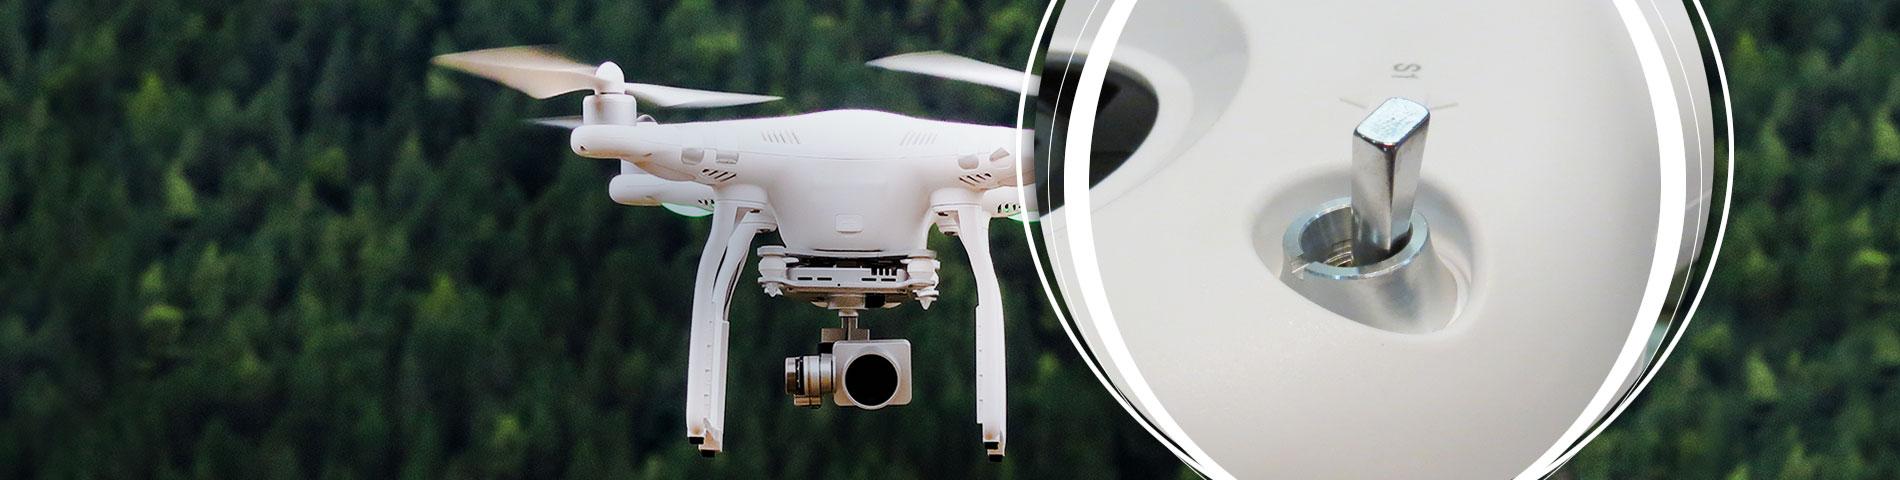 Industria aeromodellistica - Applicabile a telecomando di UAV